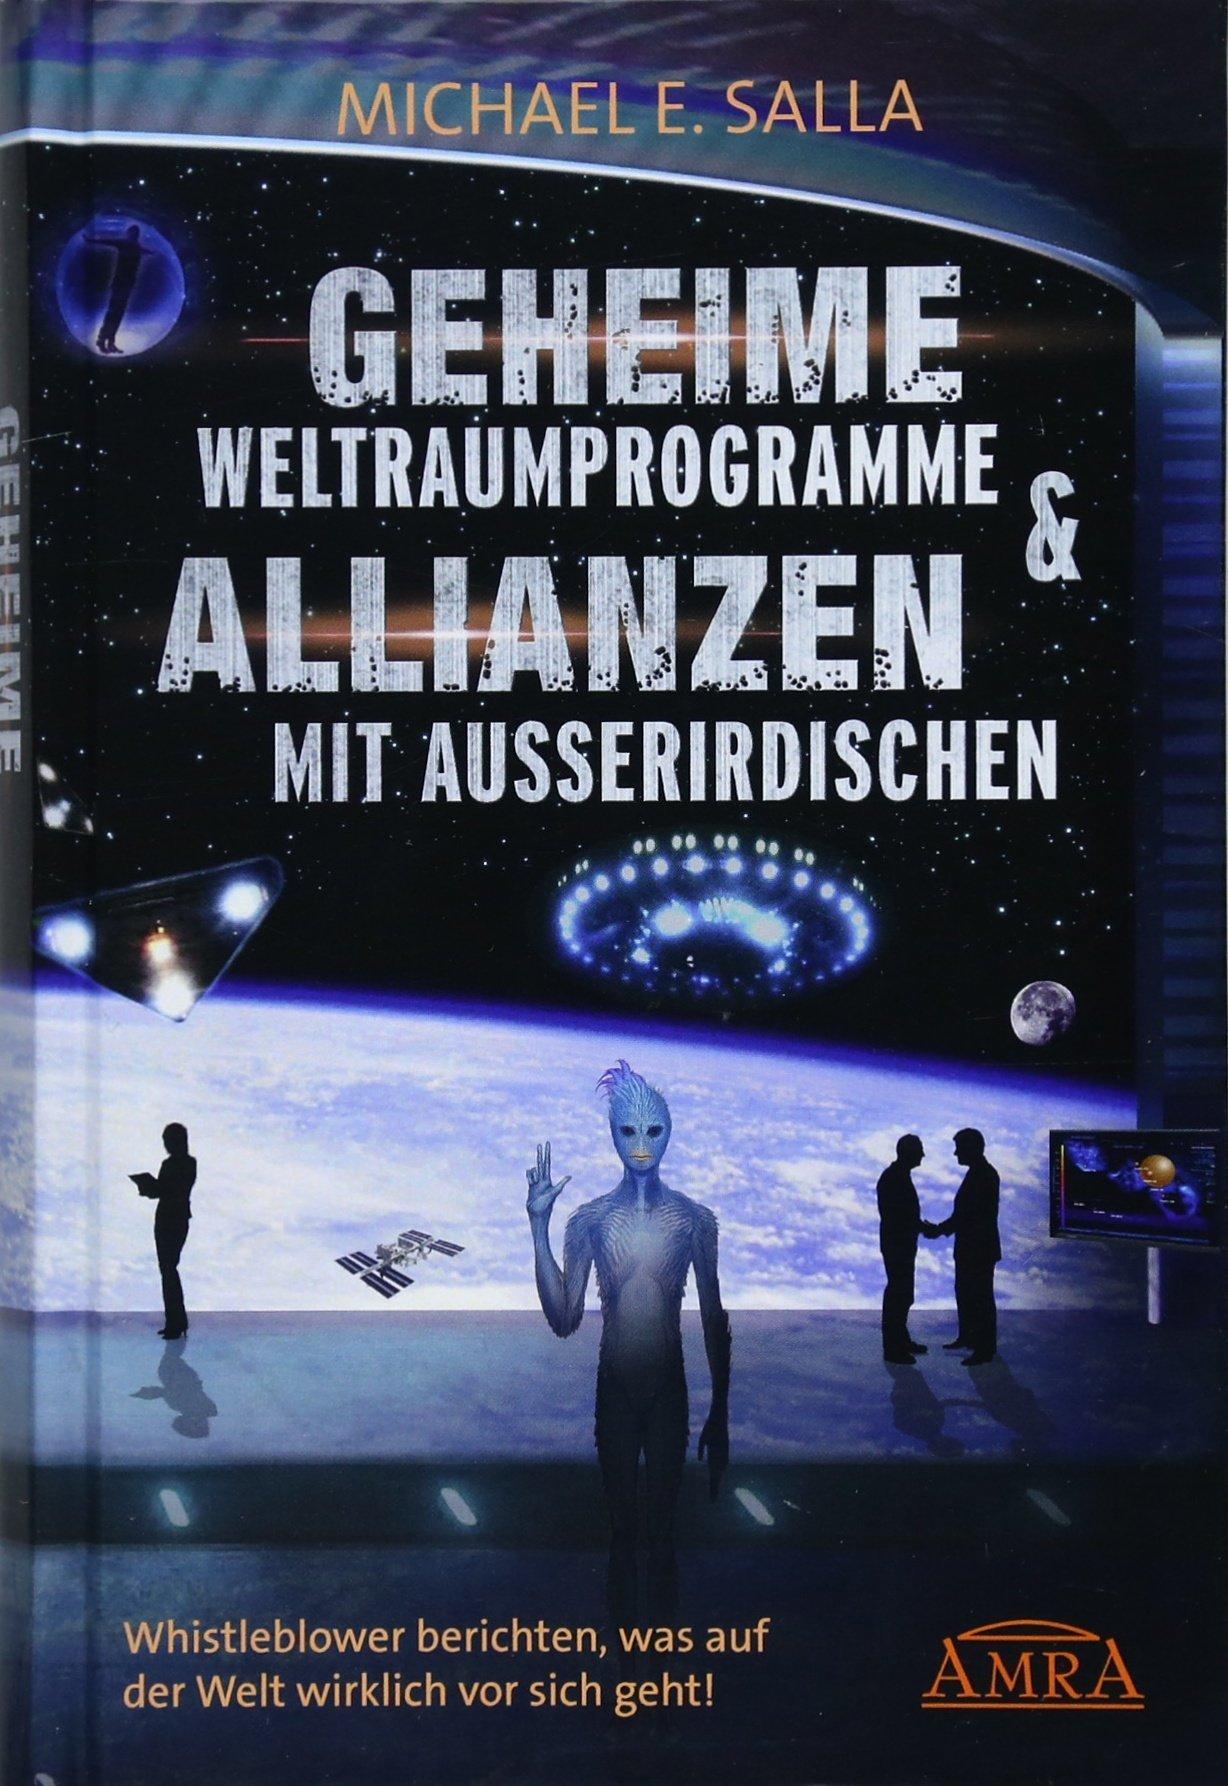 geheime-weltraumprogramme-allianzen-mit-ausserirdischen-us-bestseller-in-deutscher-bersetzung